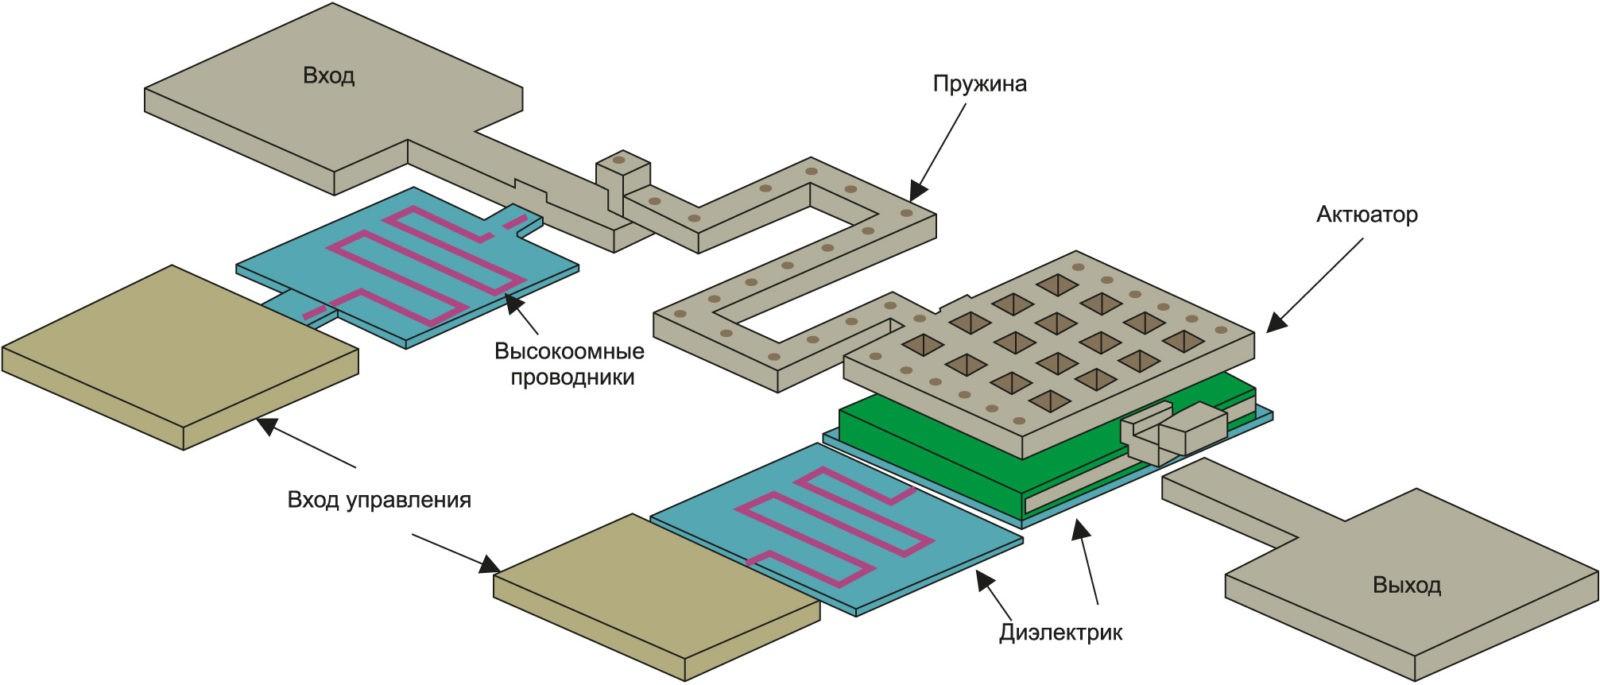 Устройство МЭМС-переключателя с низким напряжением управления